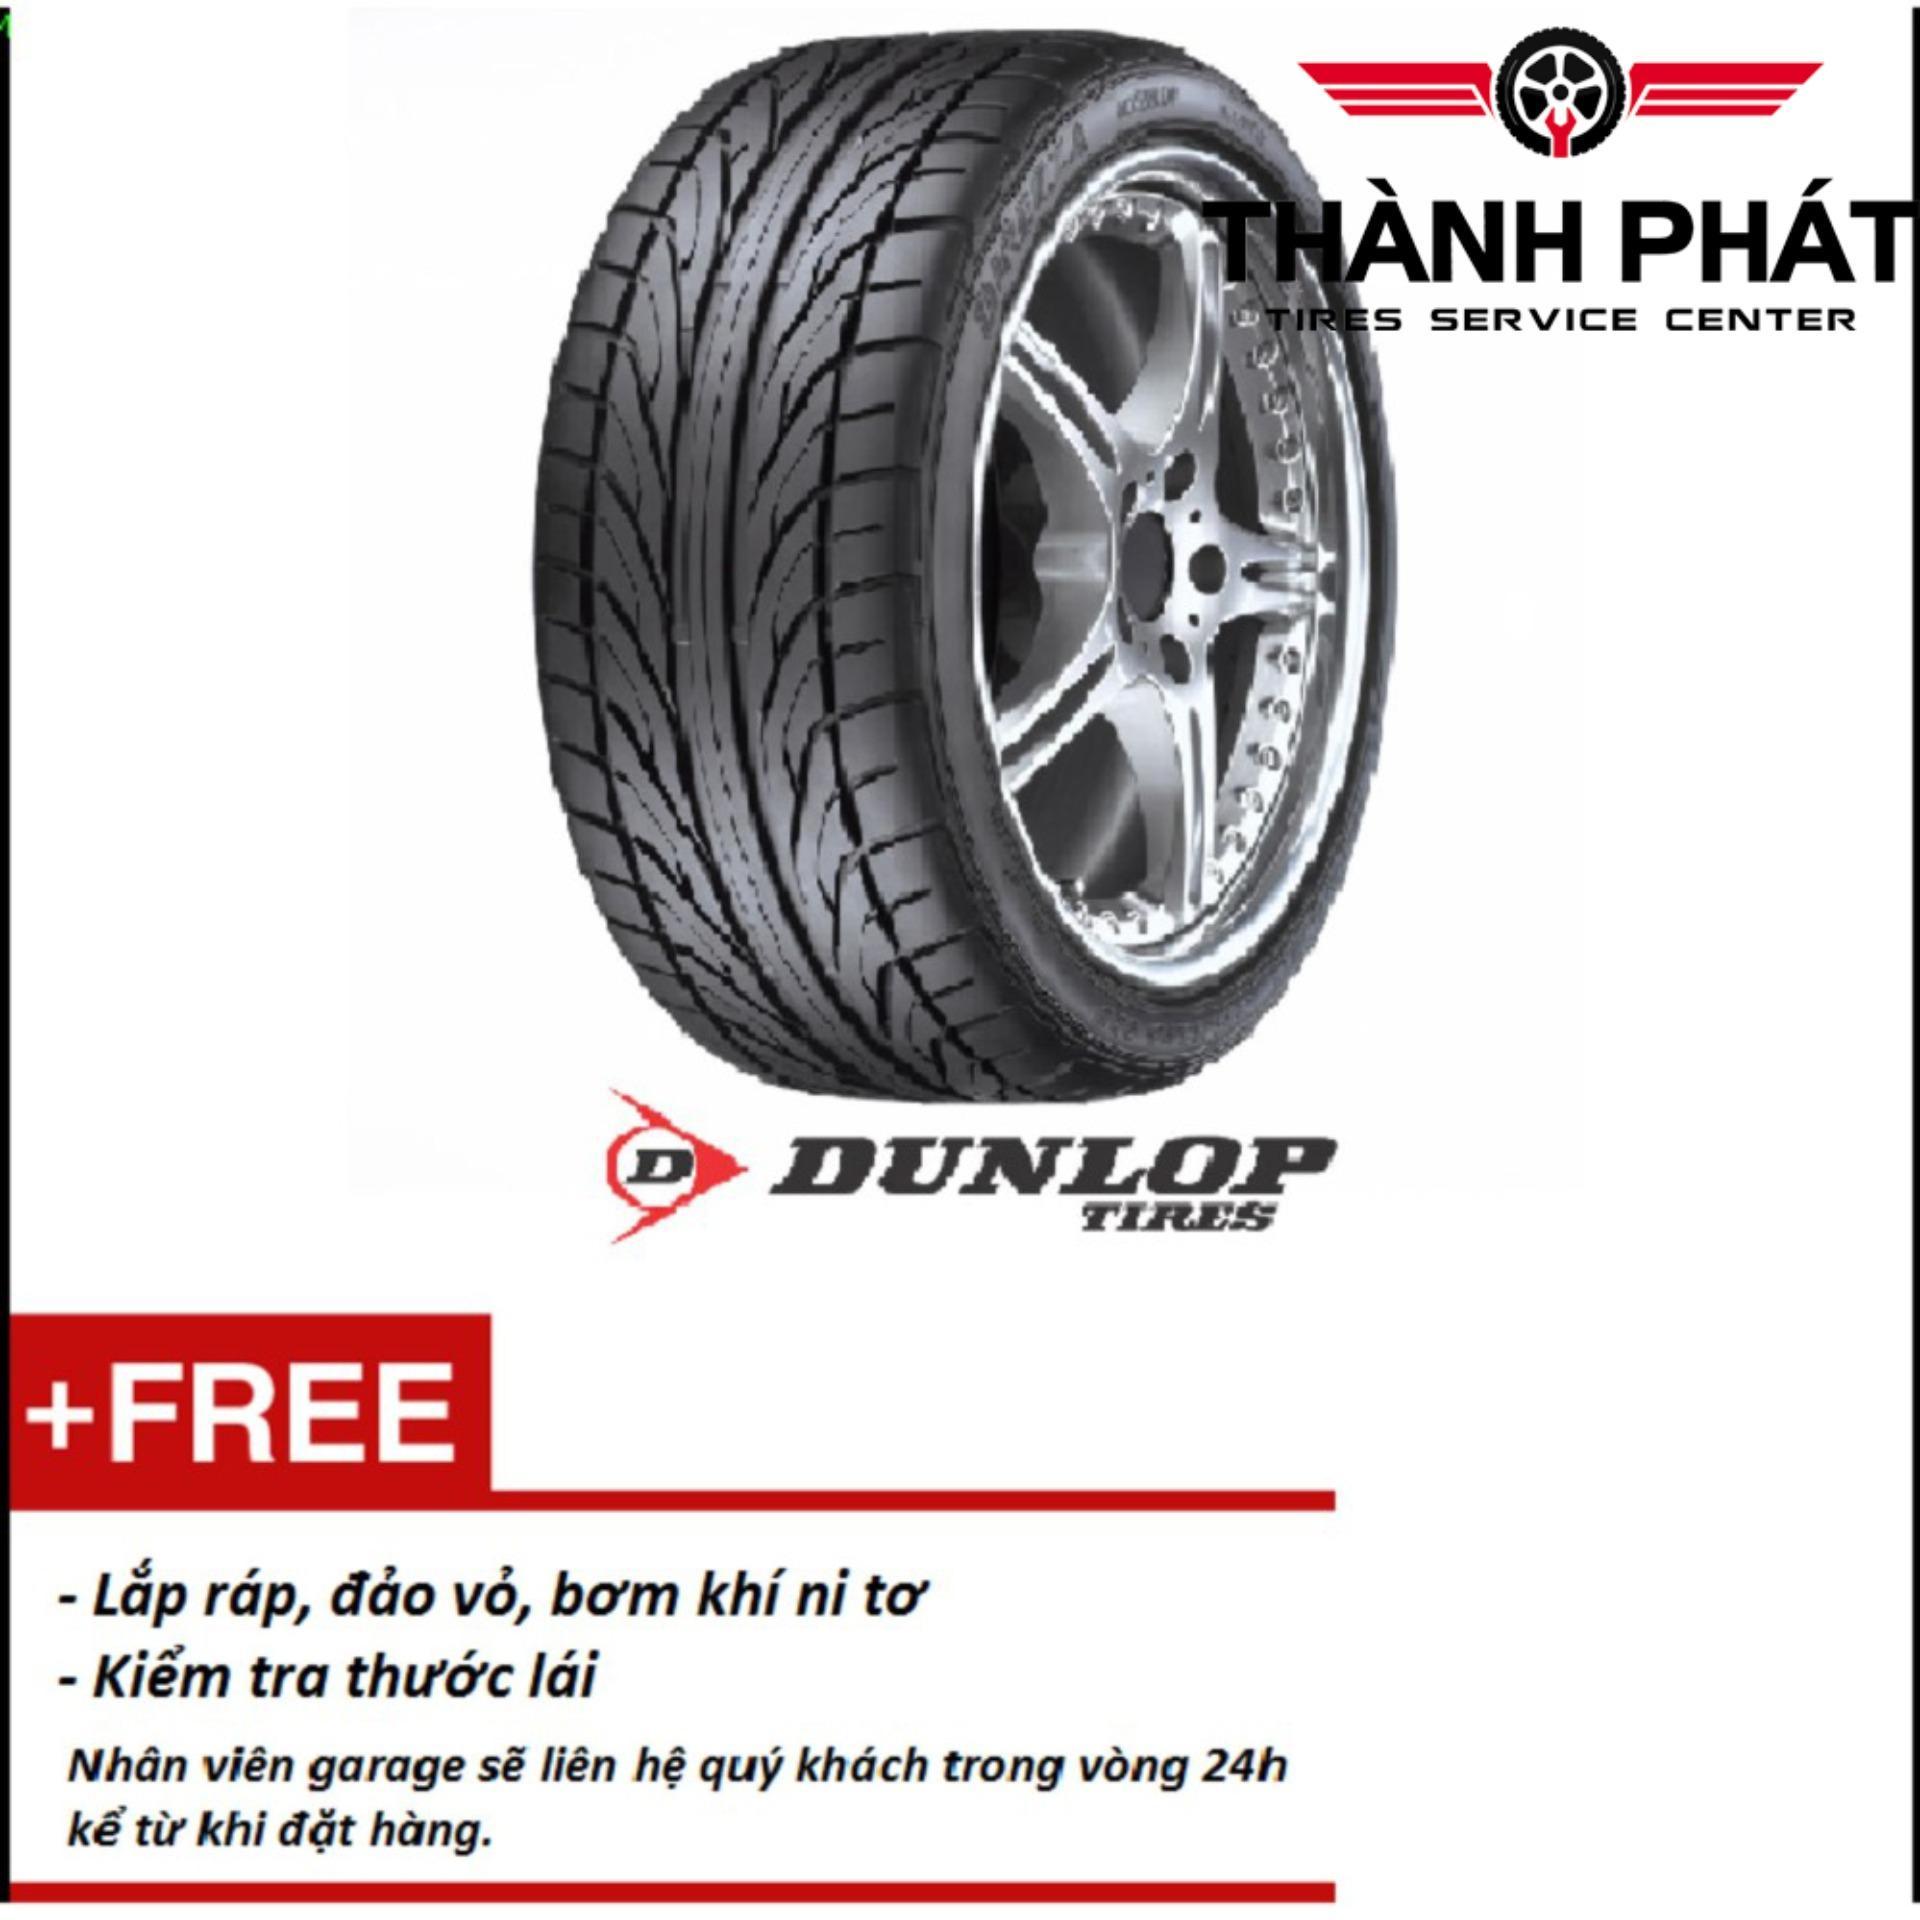 Lốp xe ô tô Dunlop SP T1 Indo 165/60R14 - Miễn phí lắp đặt